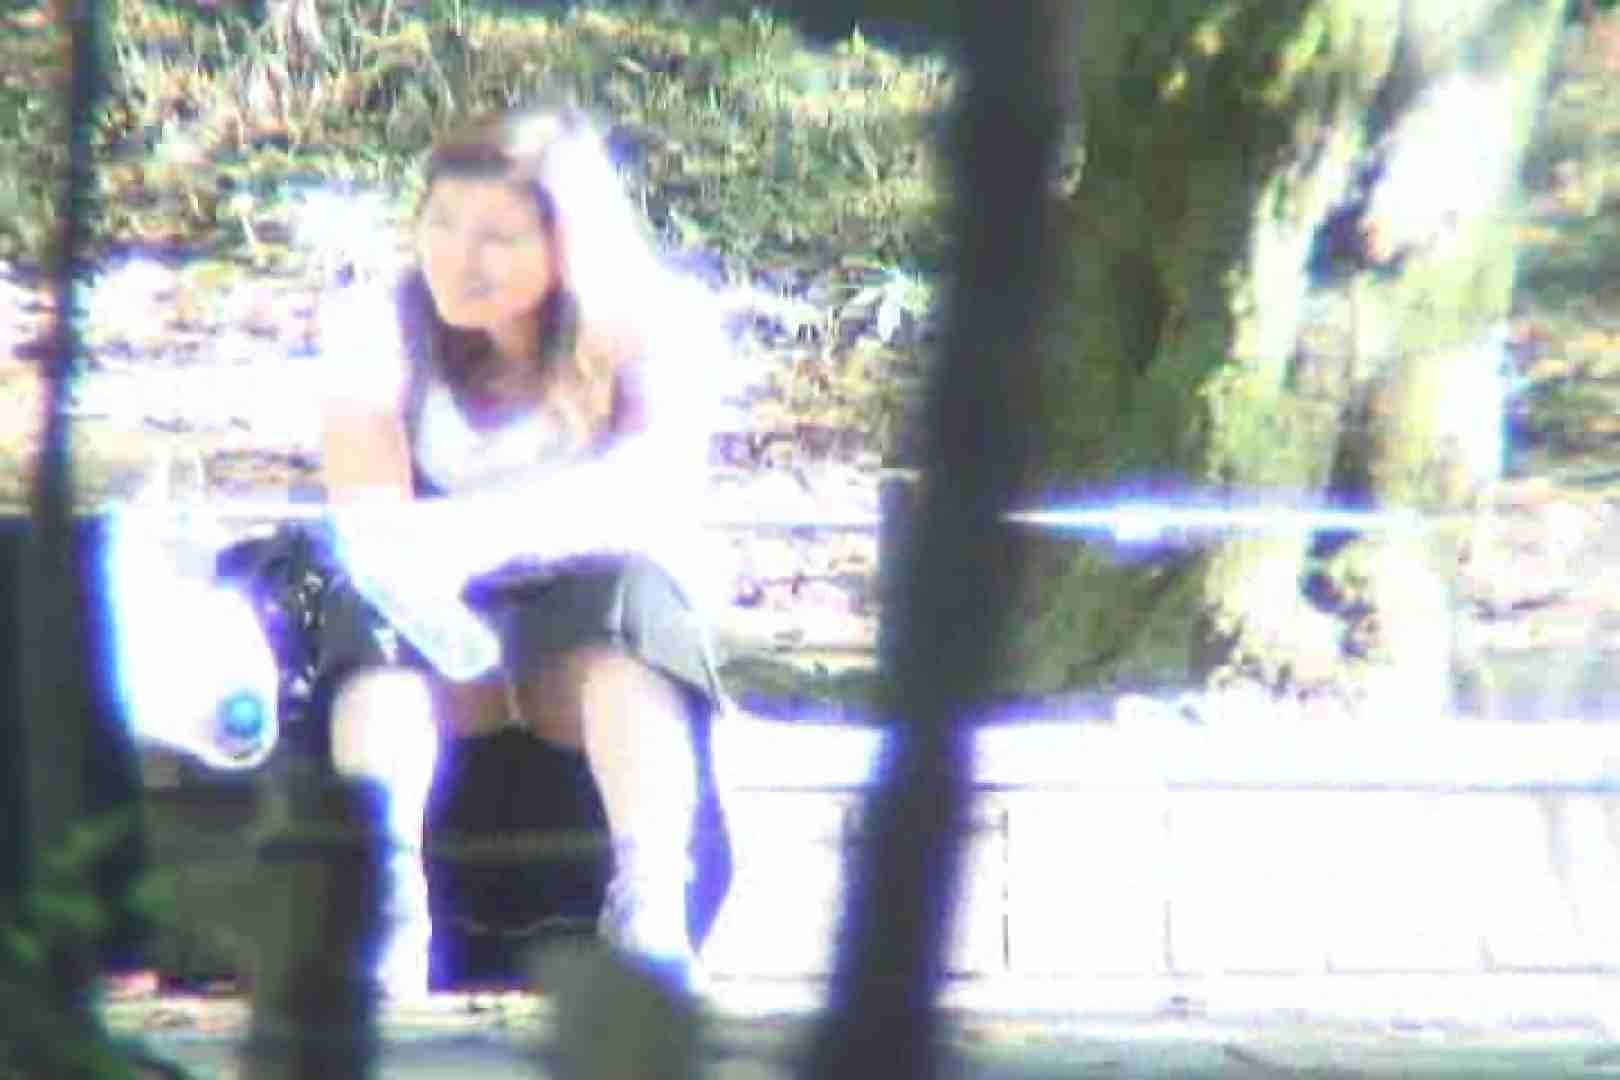 超最新版!春夏秋冬 vol.04 エッチな盗撮 オメコ無修正動画無料 98pic 29